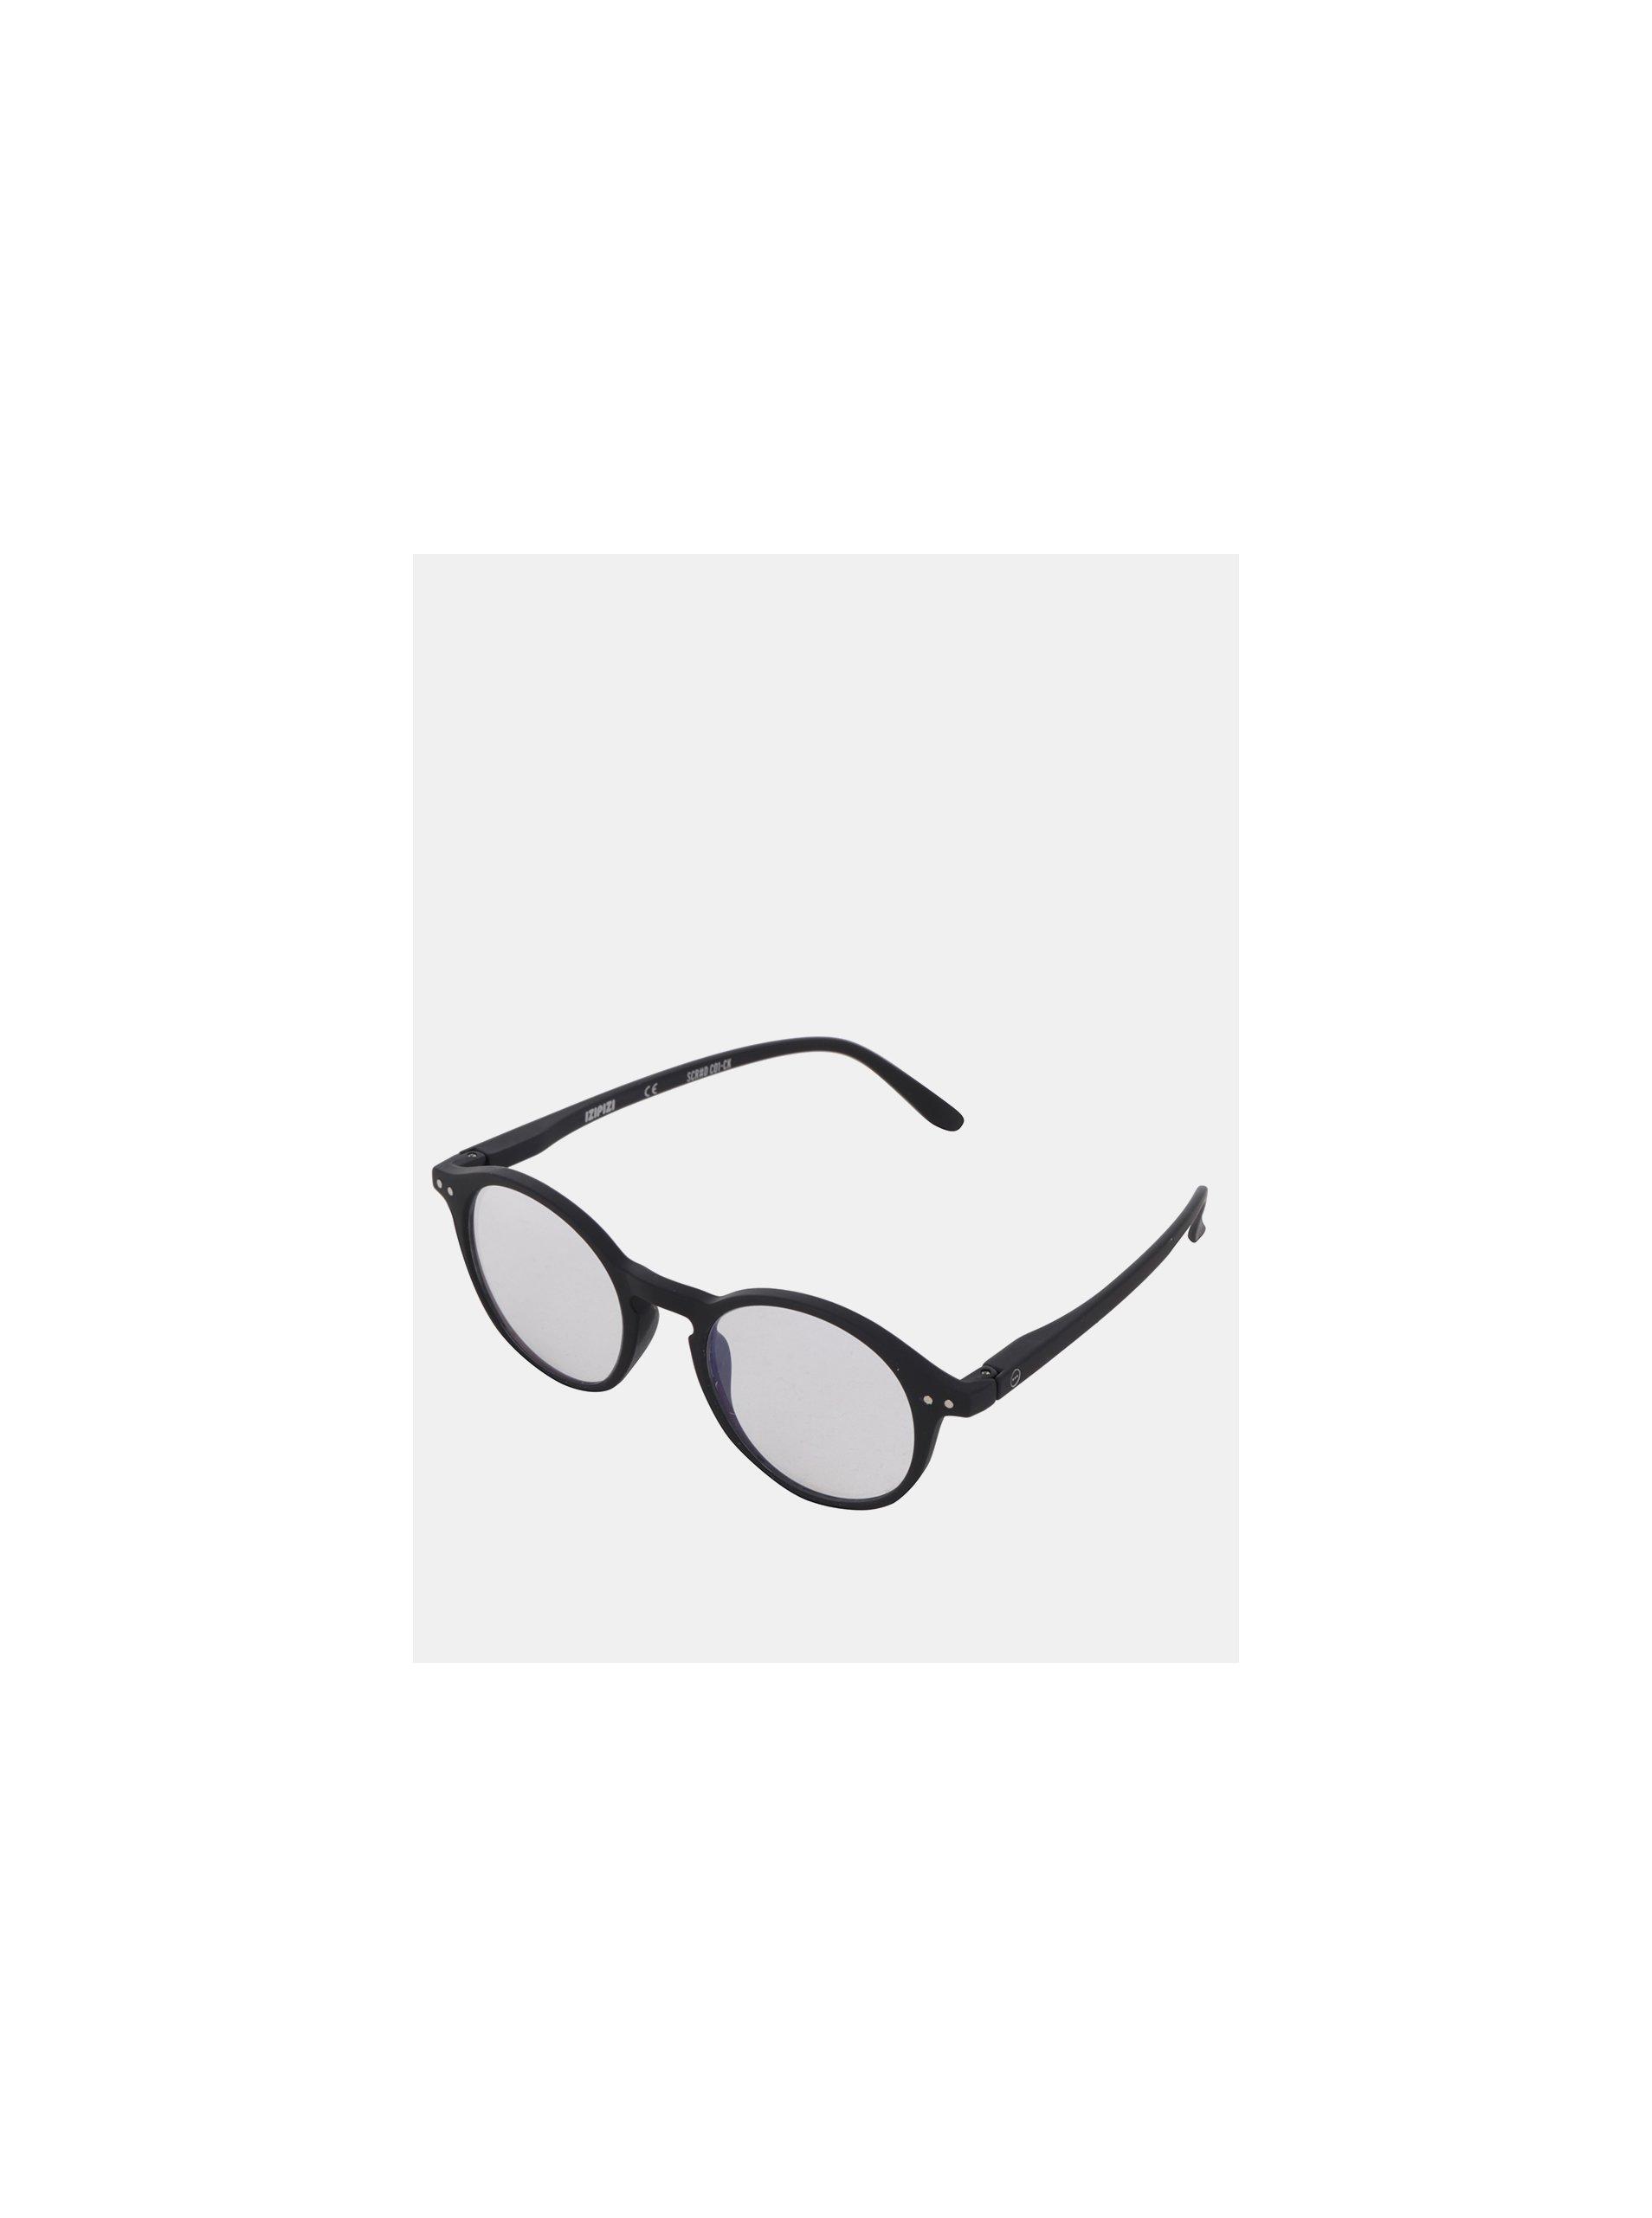 Čierne ochranné okuliare k PC IZIPIZI #D